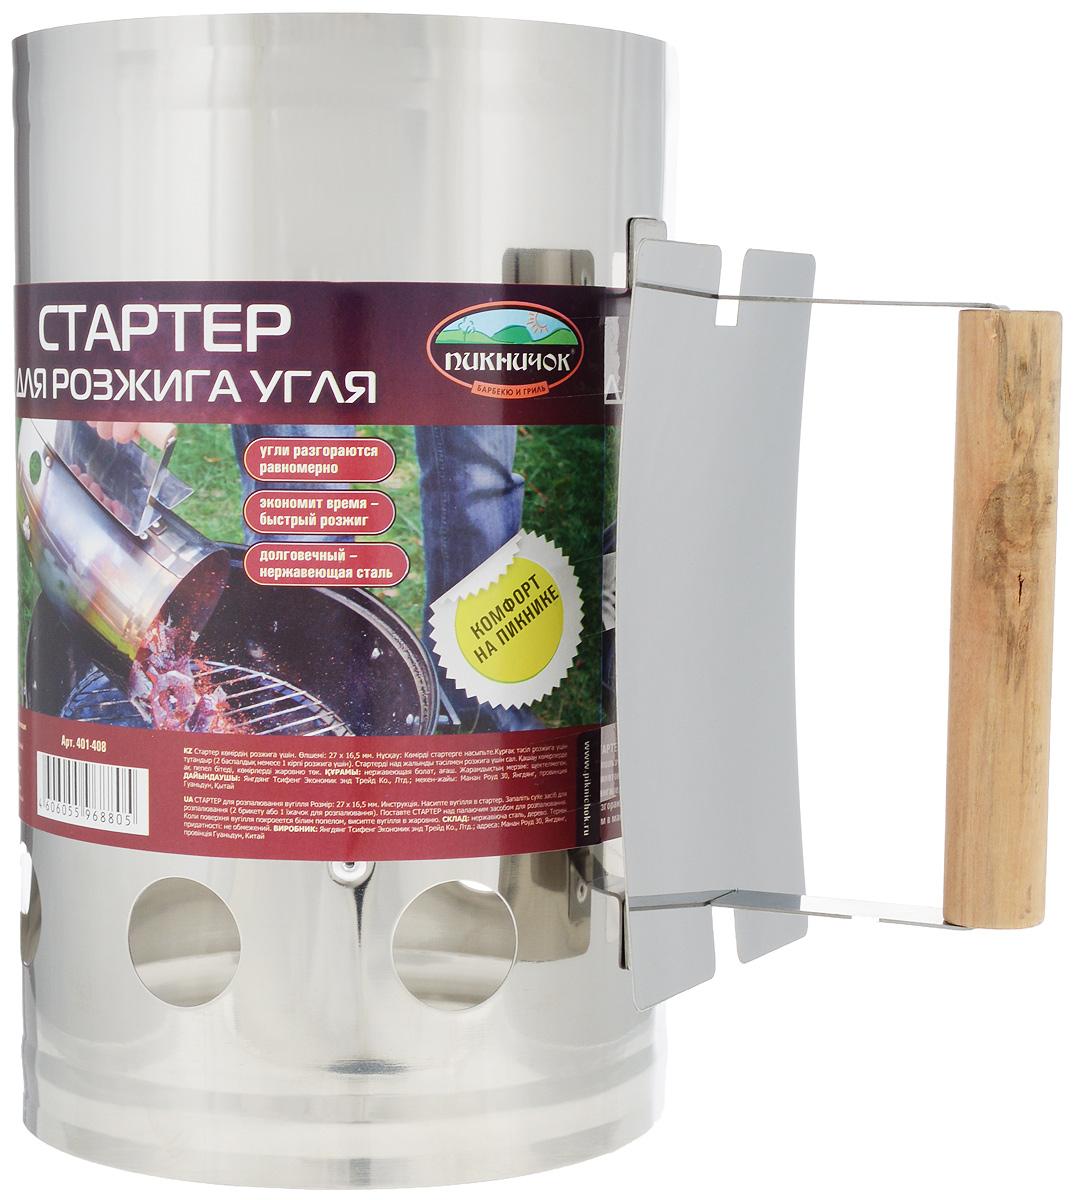 Стартер для розжига угля ПИКНИЧОК, 27 х 25 х 16,5 см19201Стартер для розжига угля ПИКНИЧОК изготовлен из нержавеющей стали. Изделие имеет удобную ручку, изготовленную из дерева, которая не будет нагреваться.Стартер для розжига используется для разжигания угля или брикетов при приготовлении в жаровне или на мангале. Уголь или угольные брикеты разгораются гораздо быстрее и равномернее, чем в жаровне или мангале. Отверстия на дне и в нижней части стартера, а также его открытый верх, обеспечивают оптимальную тягу, позволяющую быстро и равномерно разогреть угли. Специальная пластина защищает ручку стартера от перегрева, а руку - от ожога.Размеры изделия: 27 х 25 х 16,5 см.